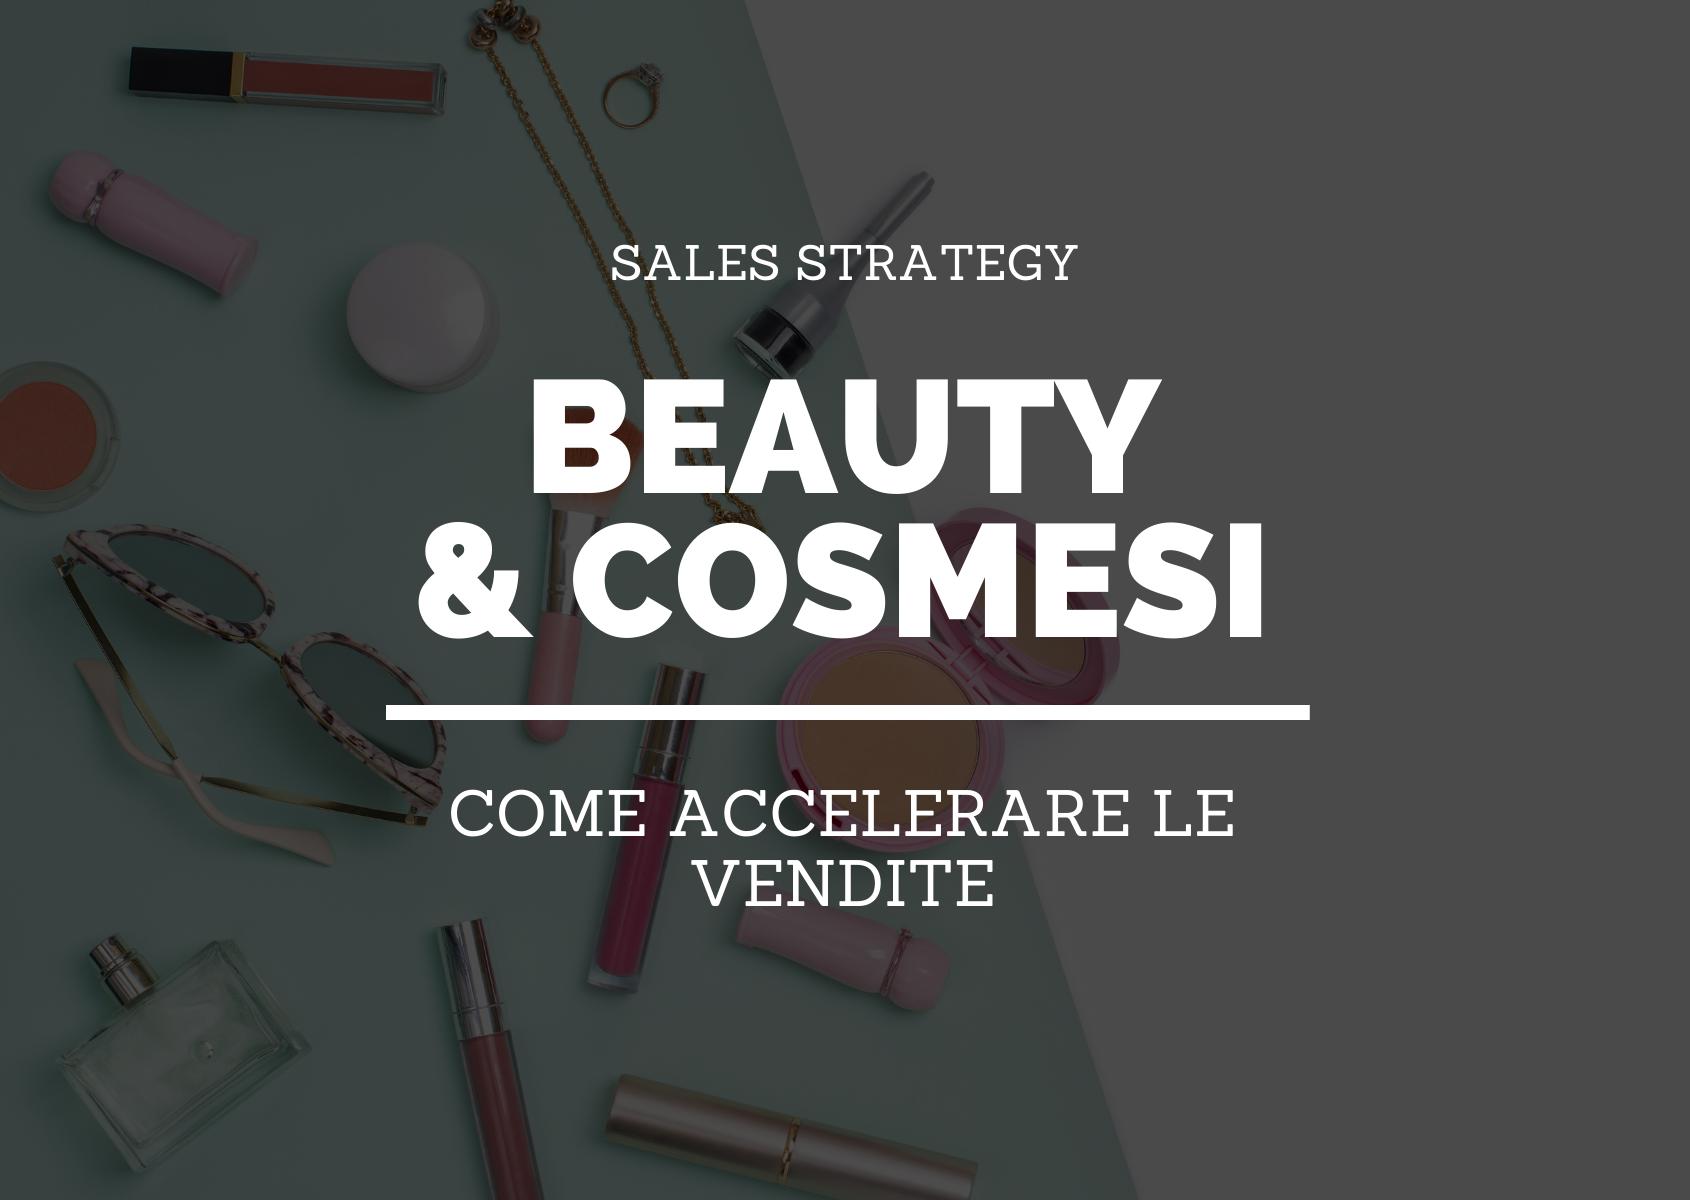 Cosmesi e beauty come accelerare le vendite